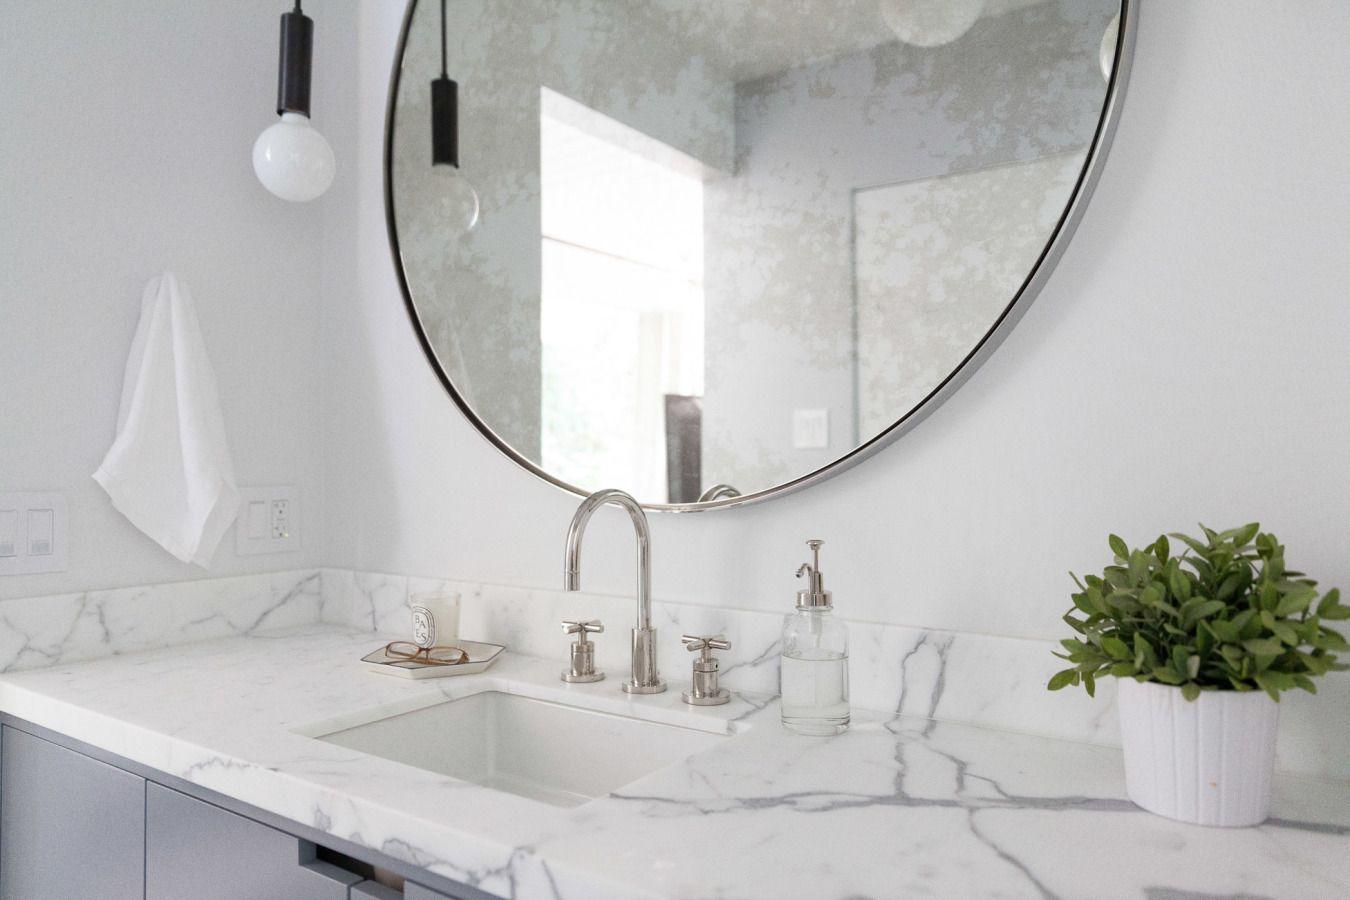 A midcentury sf homeus kitchen u bath reno hardware round